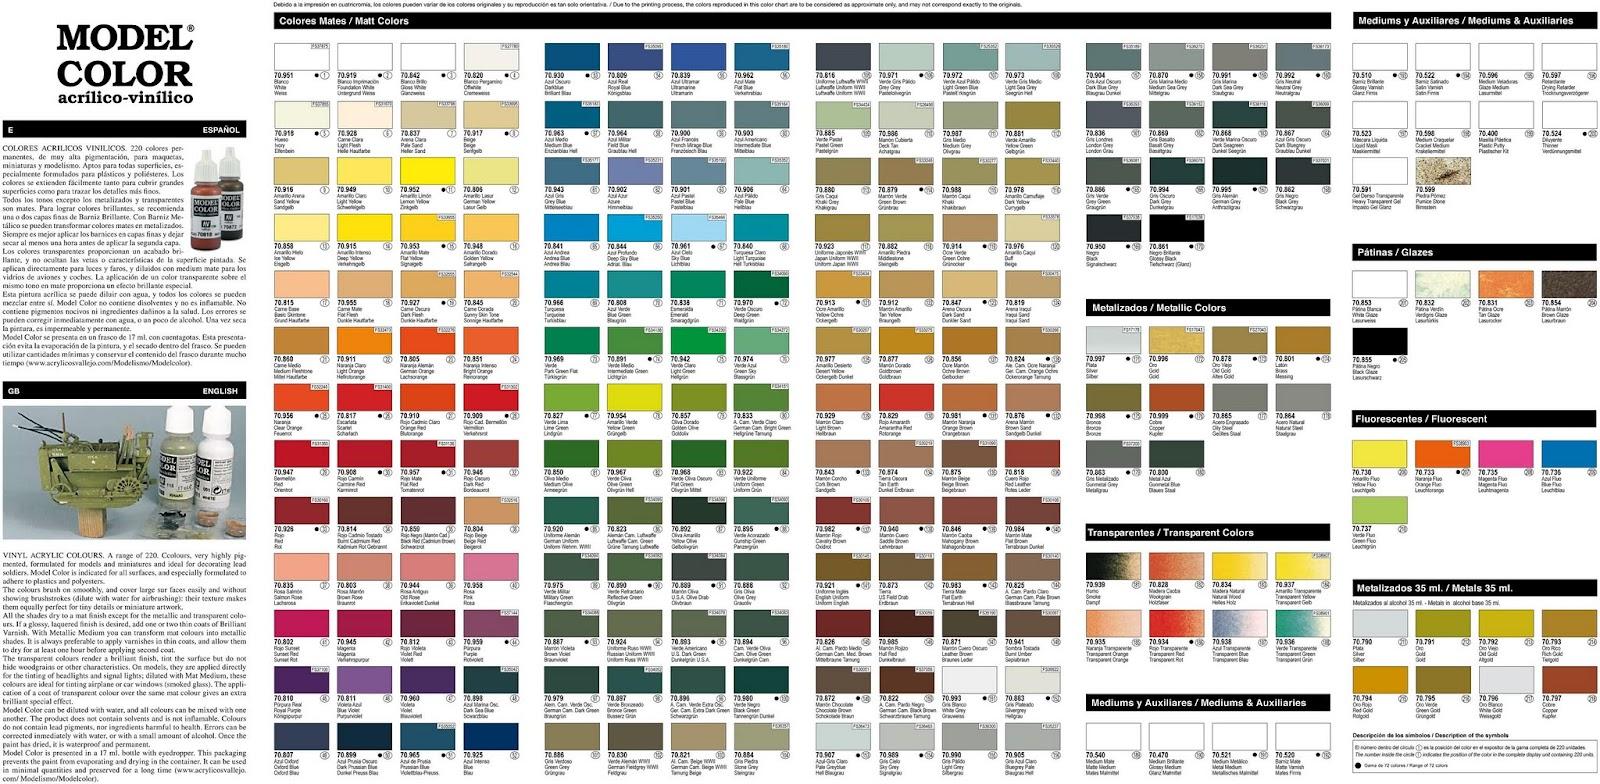 tabla definitiva de ekivalencias de pinturas ColoresModelColor